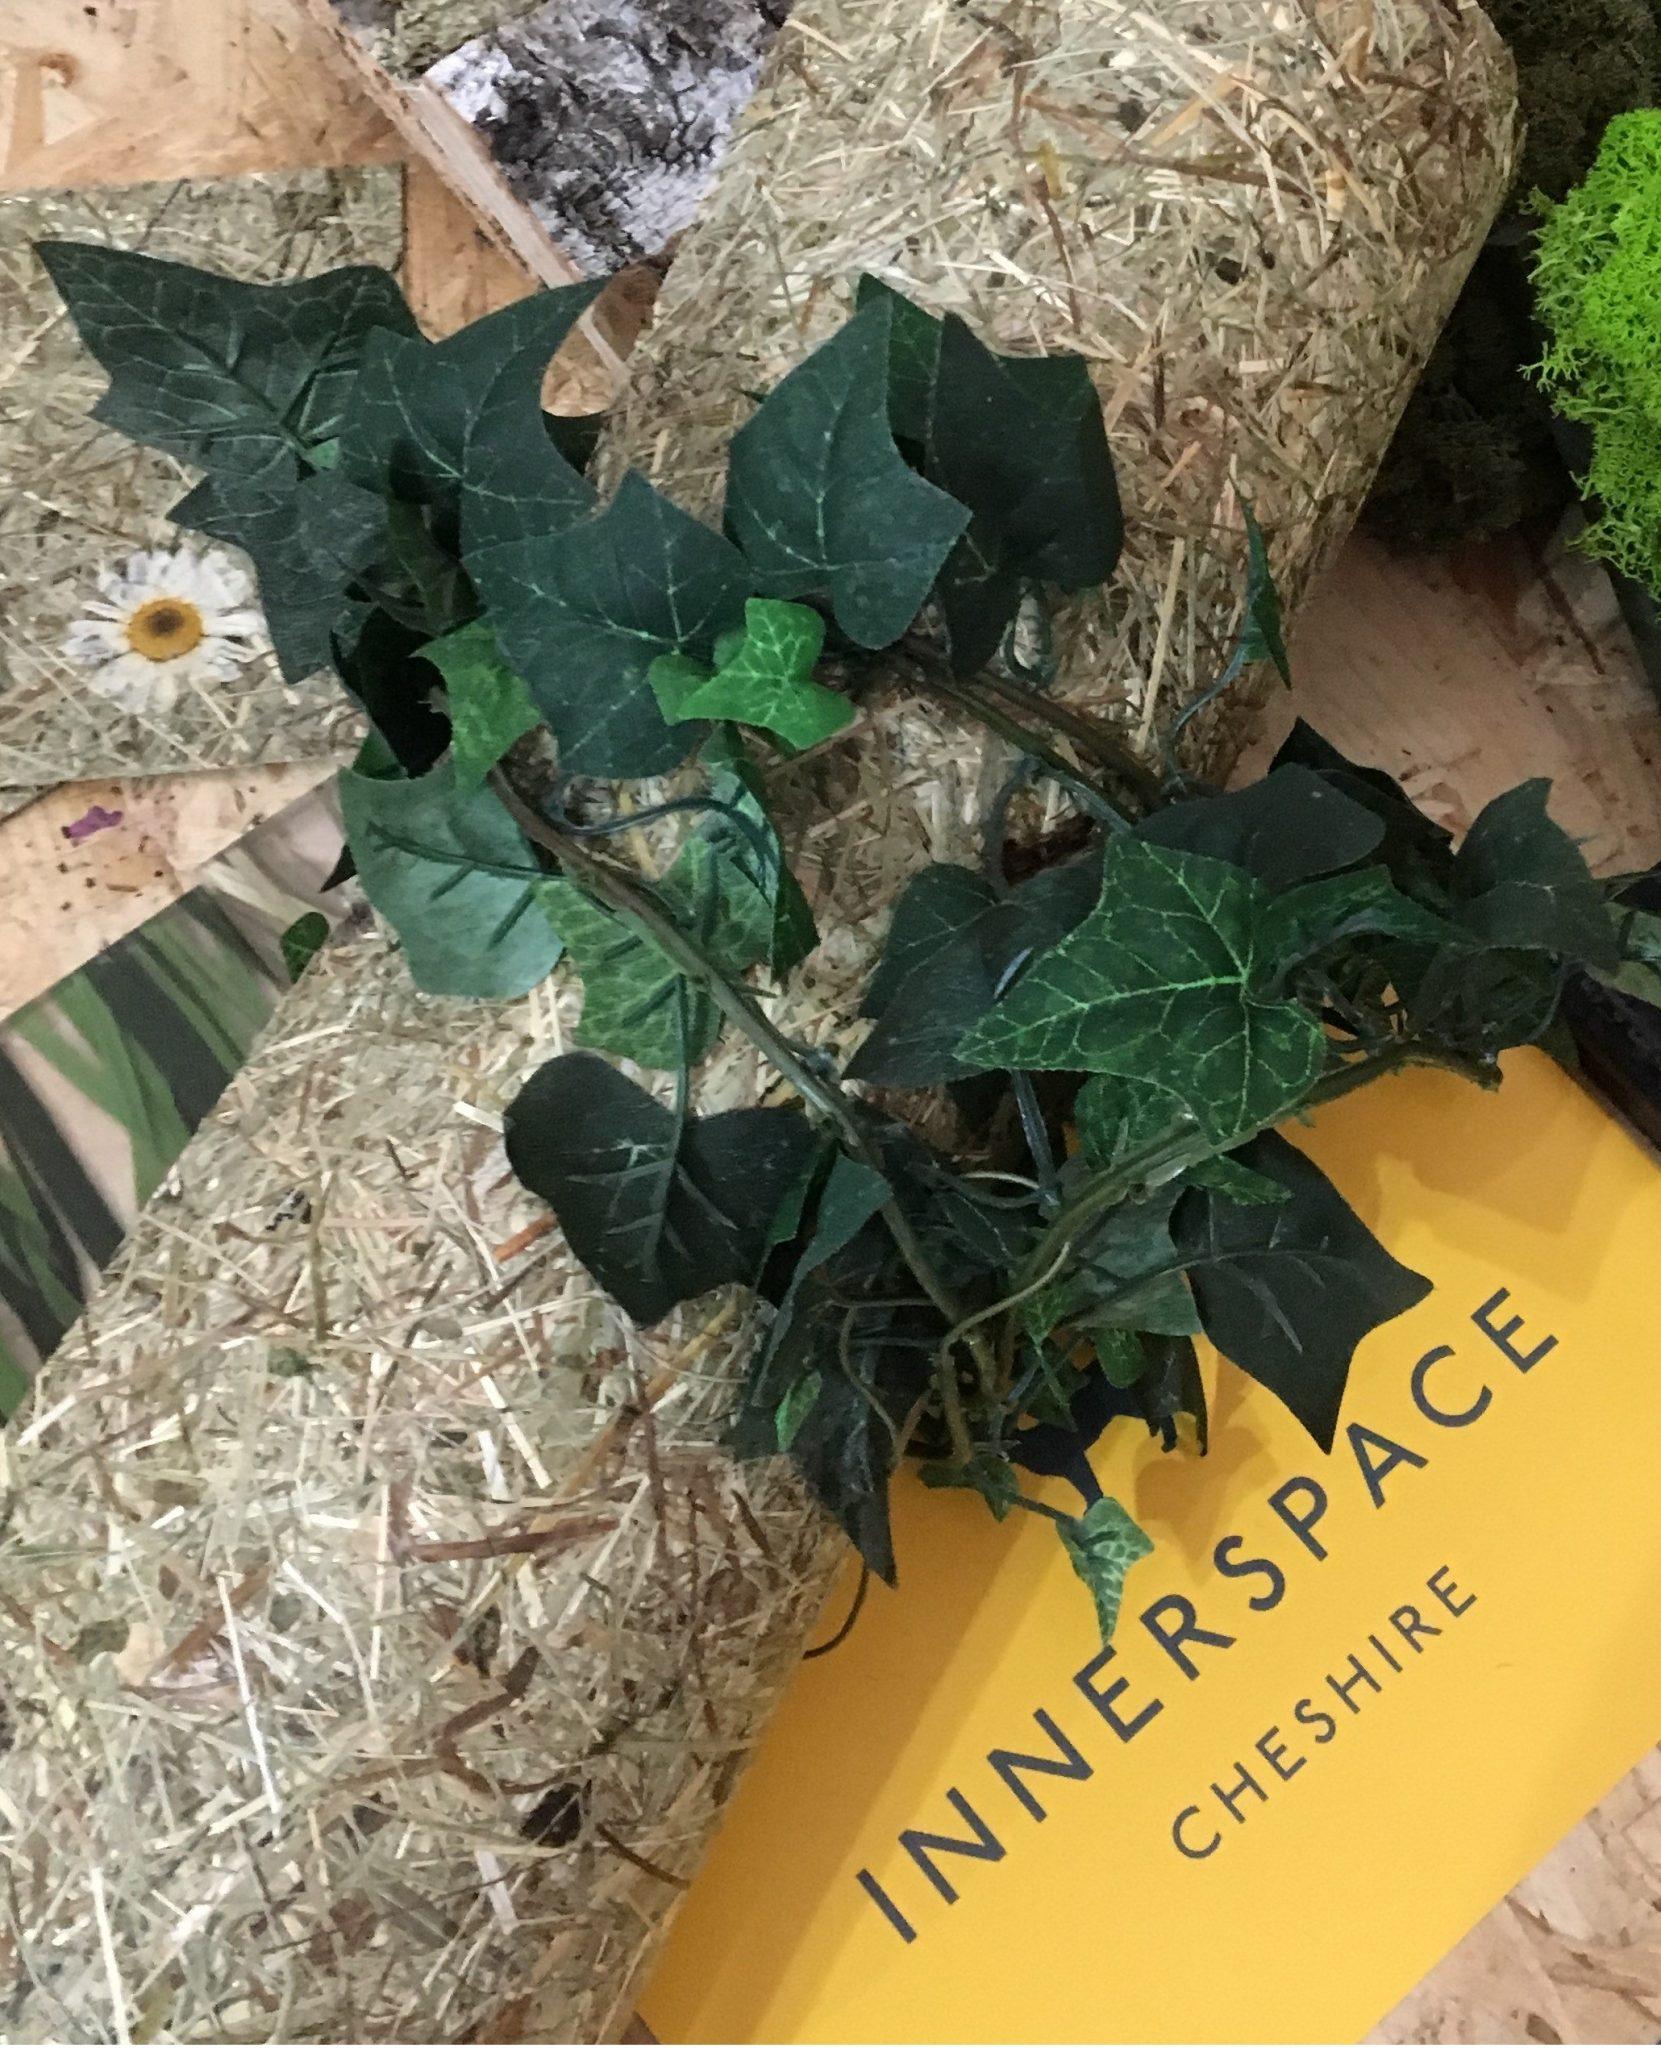 Innerspace Cheshire - Biophilic